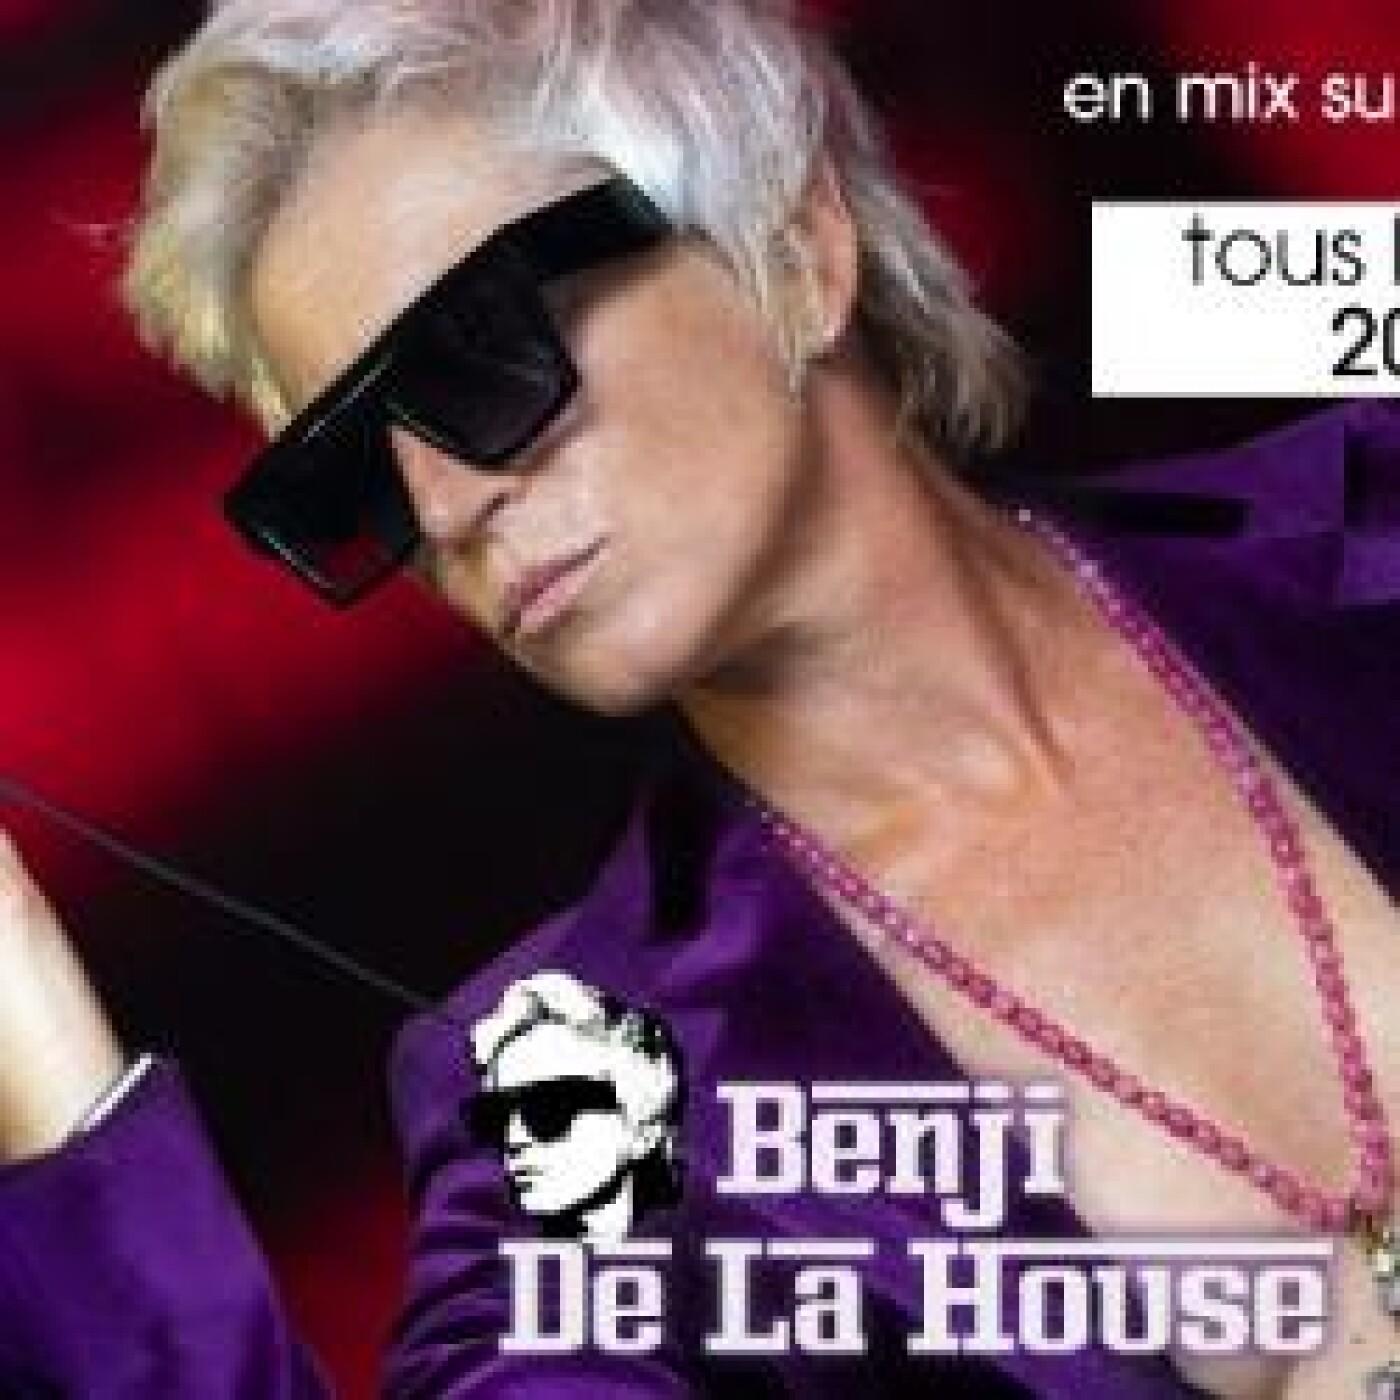 BENJI DE LA HOUSE 22 JUIN 2021